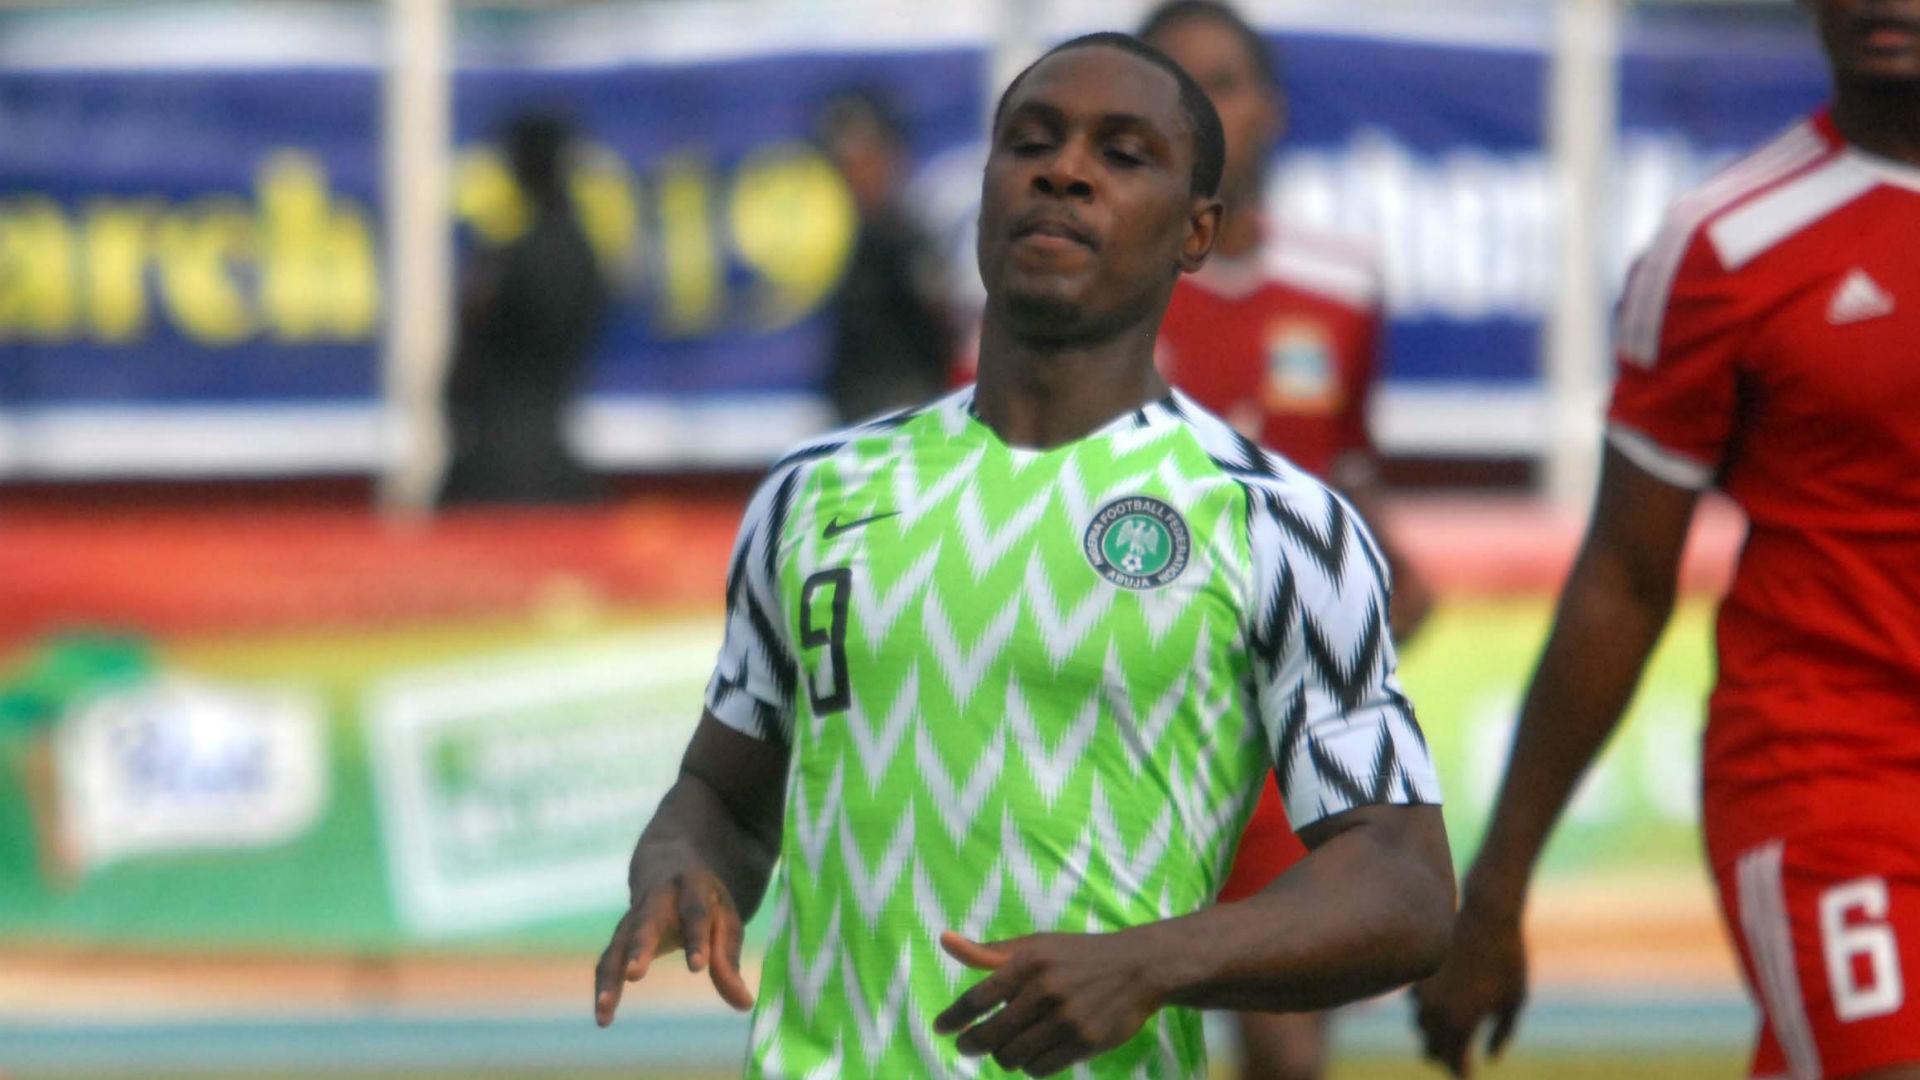 Nigeria zdobywa brązowe medale. Tunezja wraca do domu z niczym